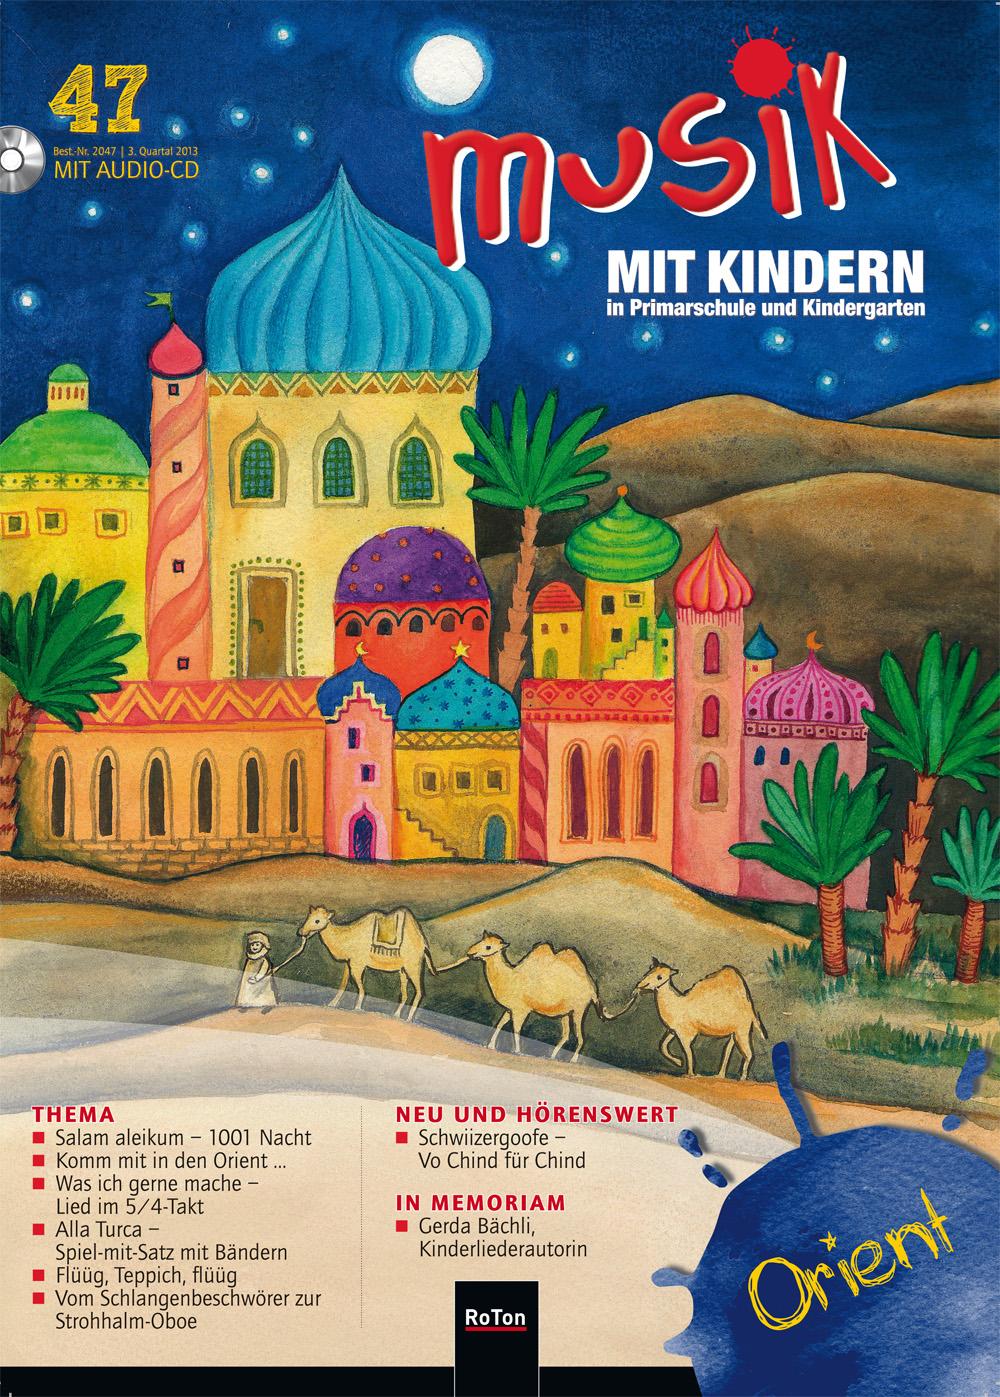 Ausgabe Nr. 47 – Orient – Musik mit Kindern